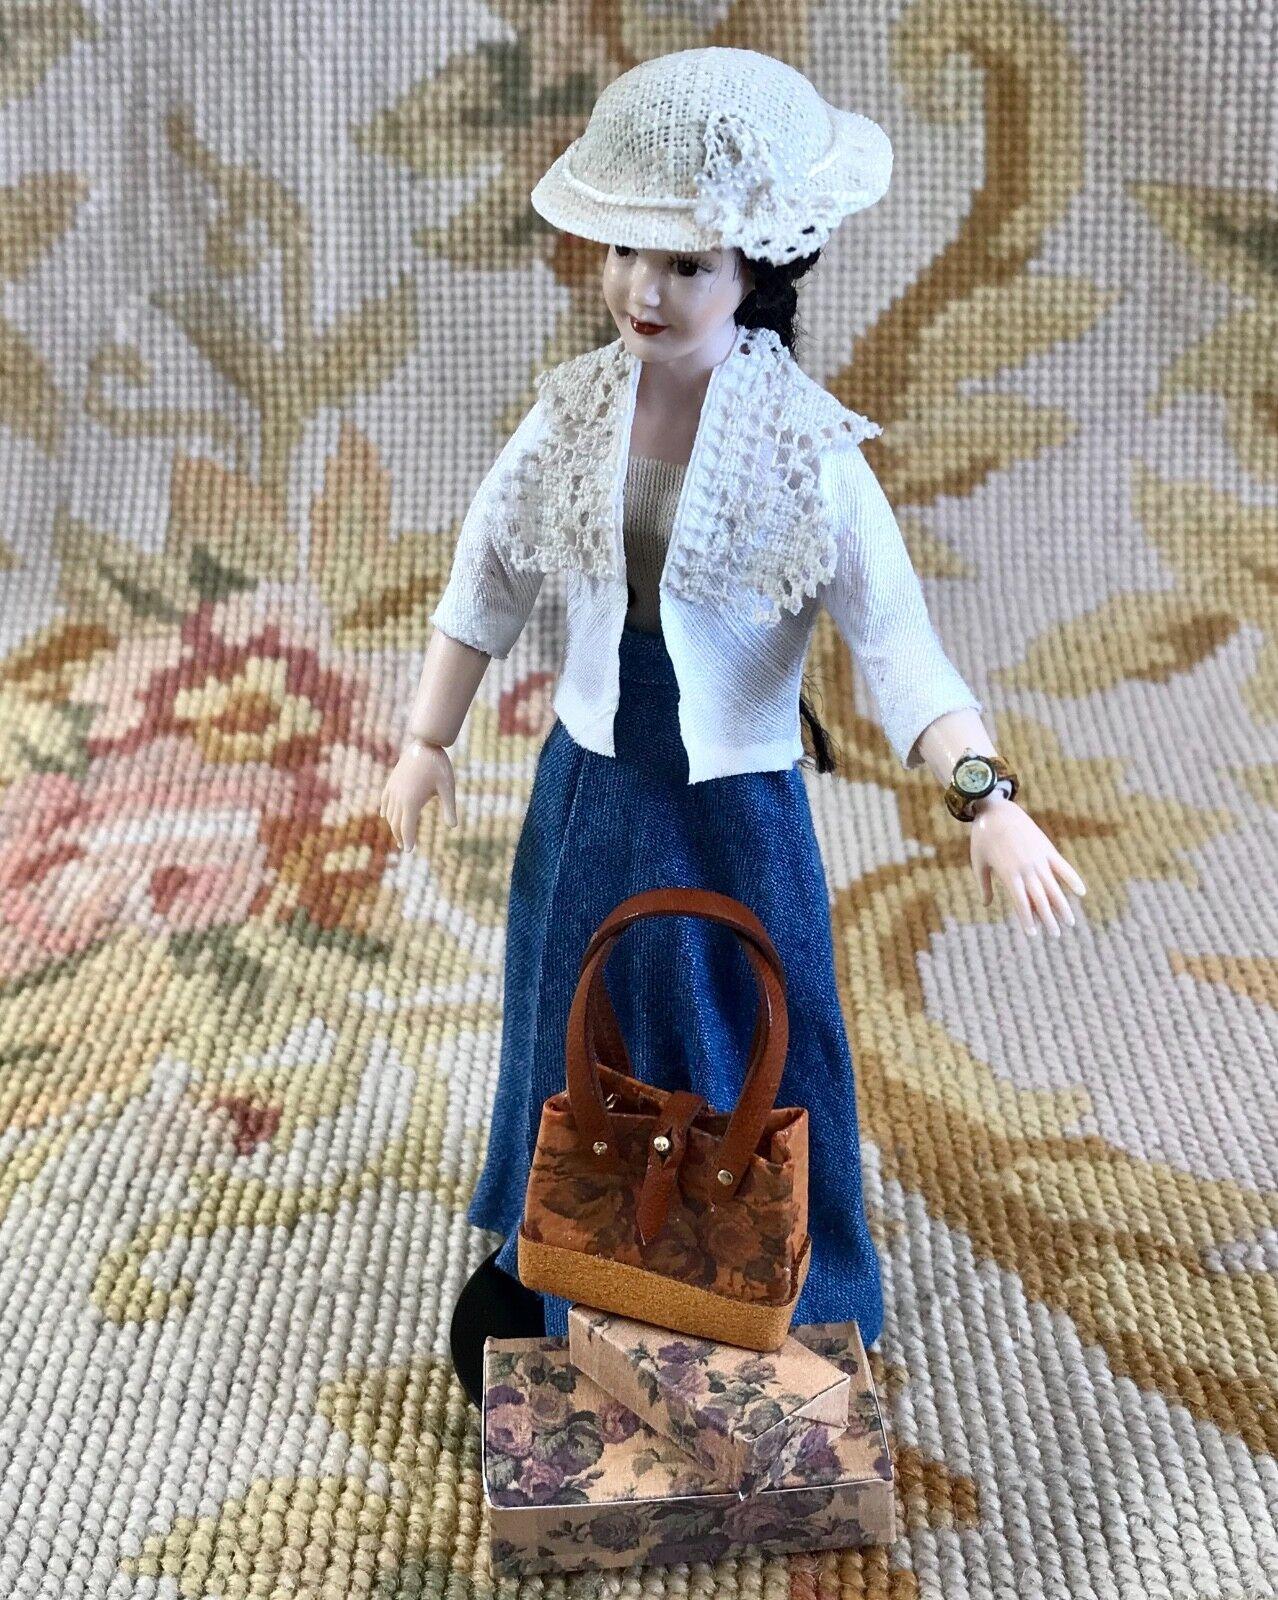 Pat Tyler Doll Skirt Top Blouse Skirt Hat Clothing Wearabl Outfit Heidi Ott p430